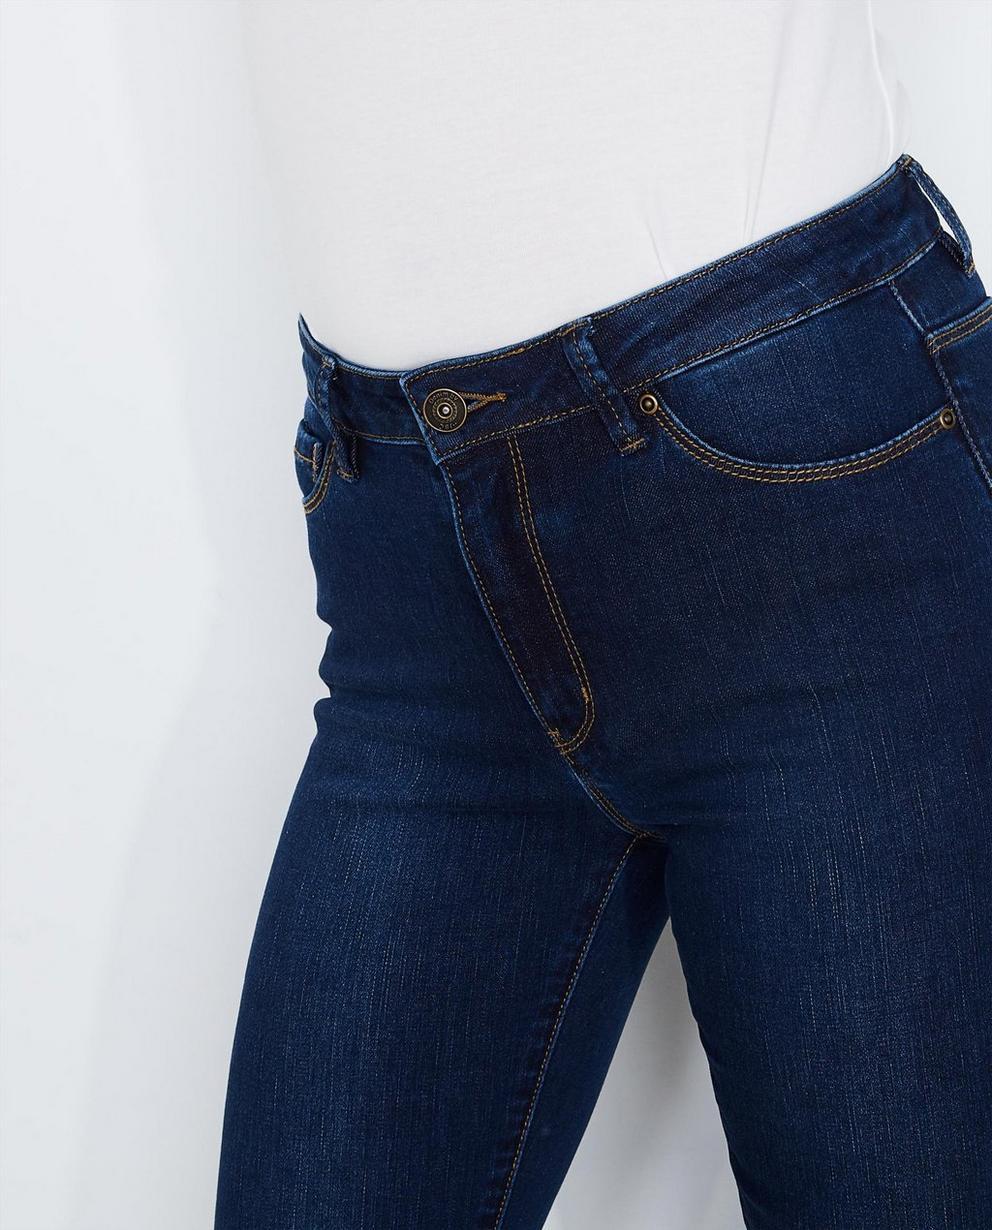 Jeans - aqua - Jeans slim bleu foncé